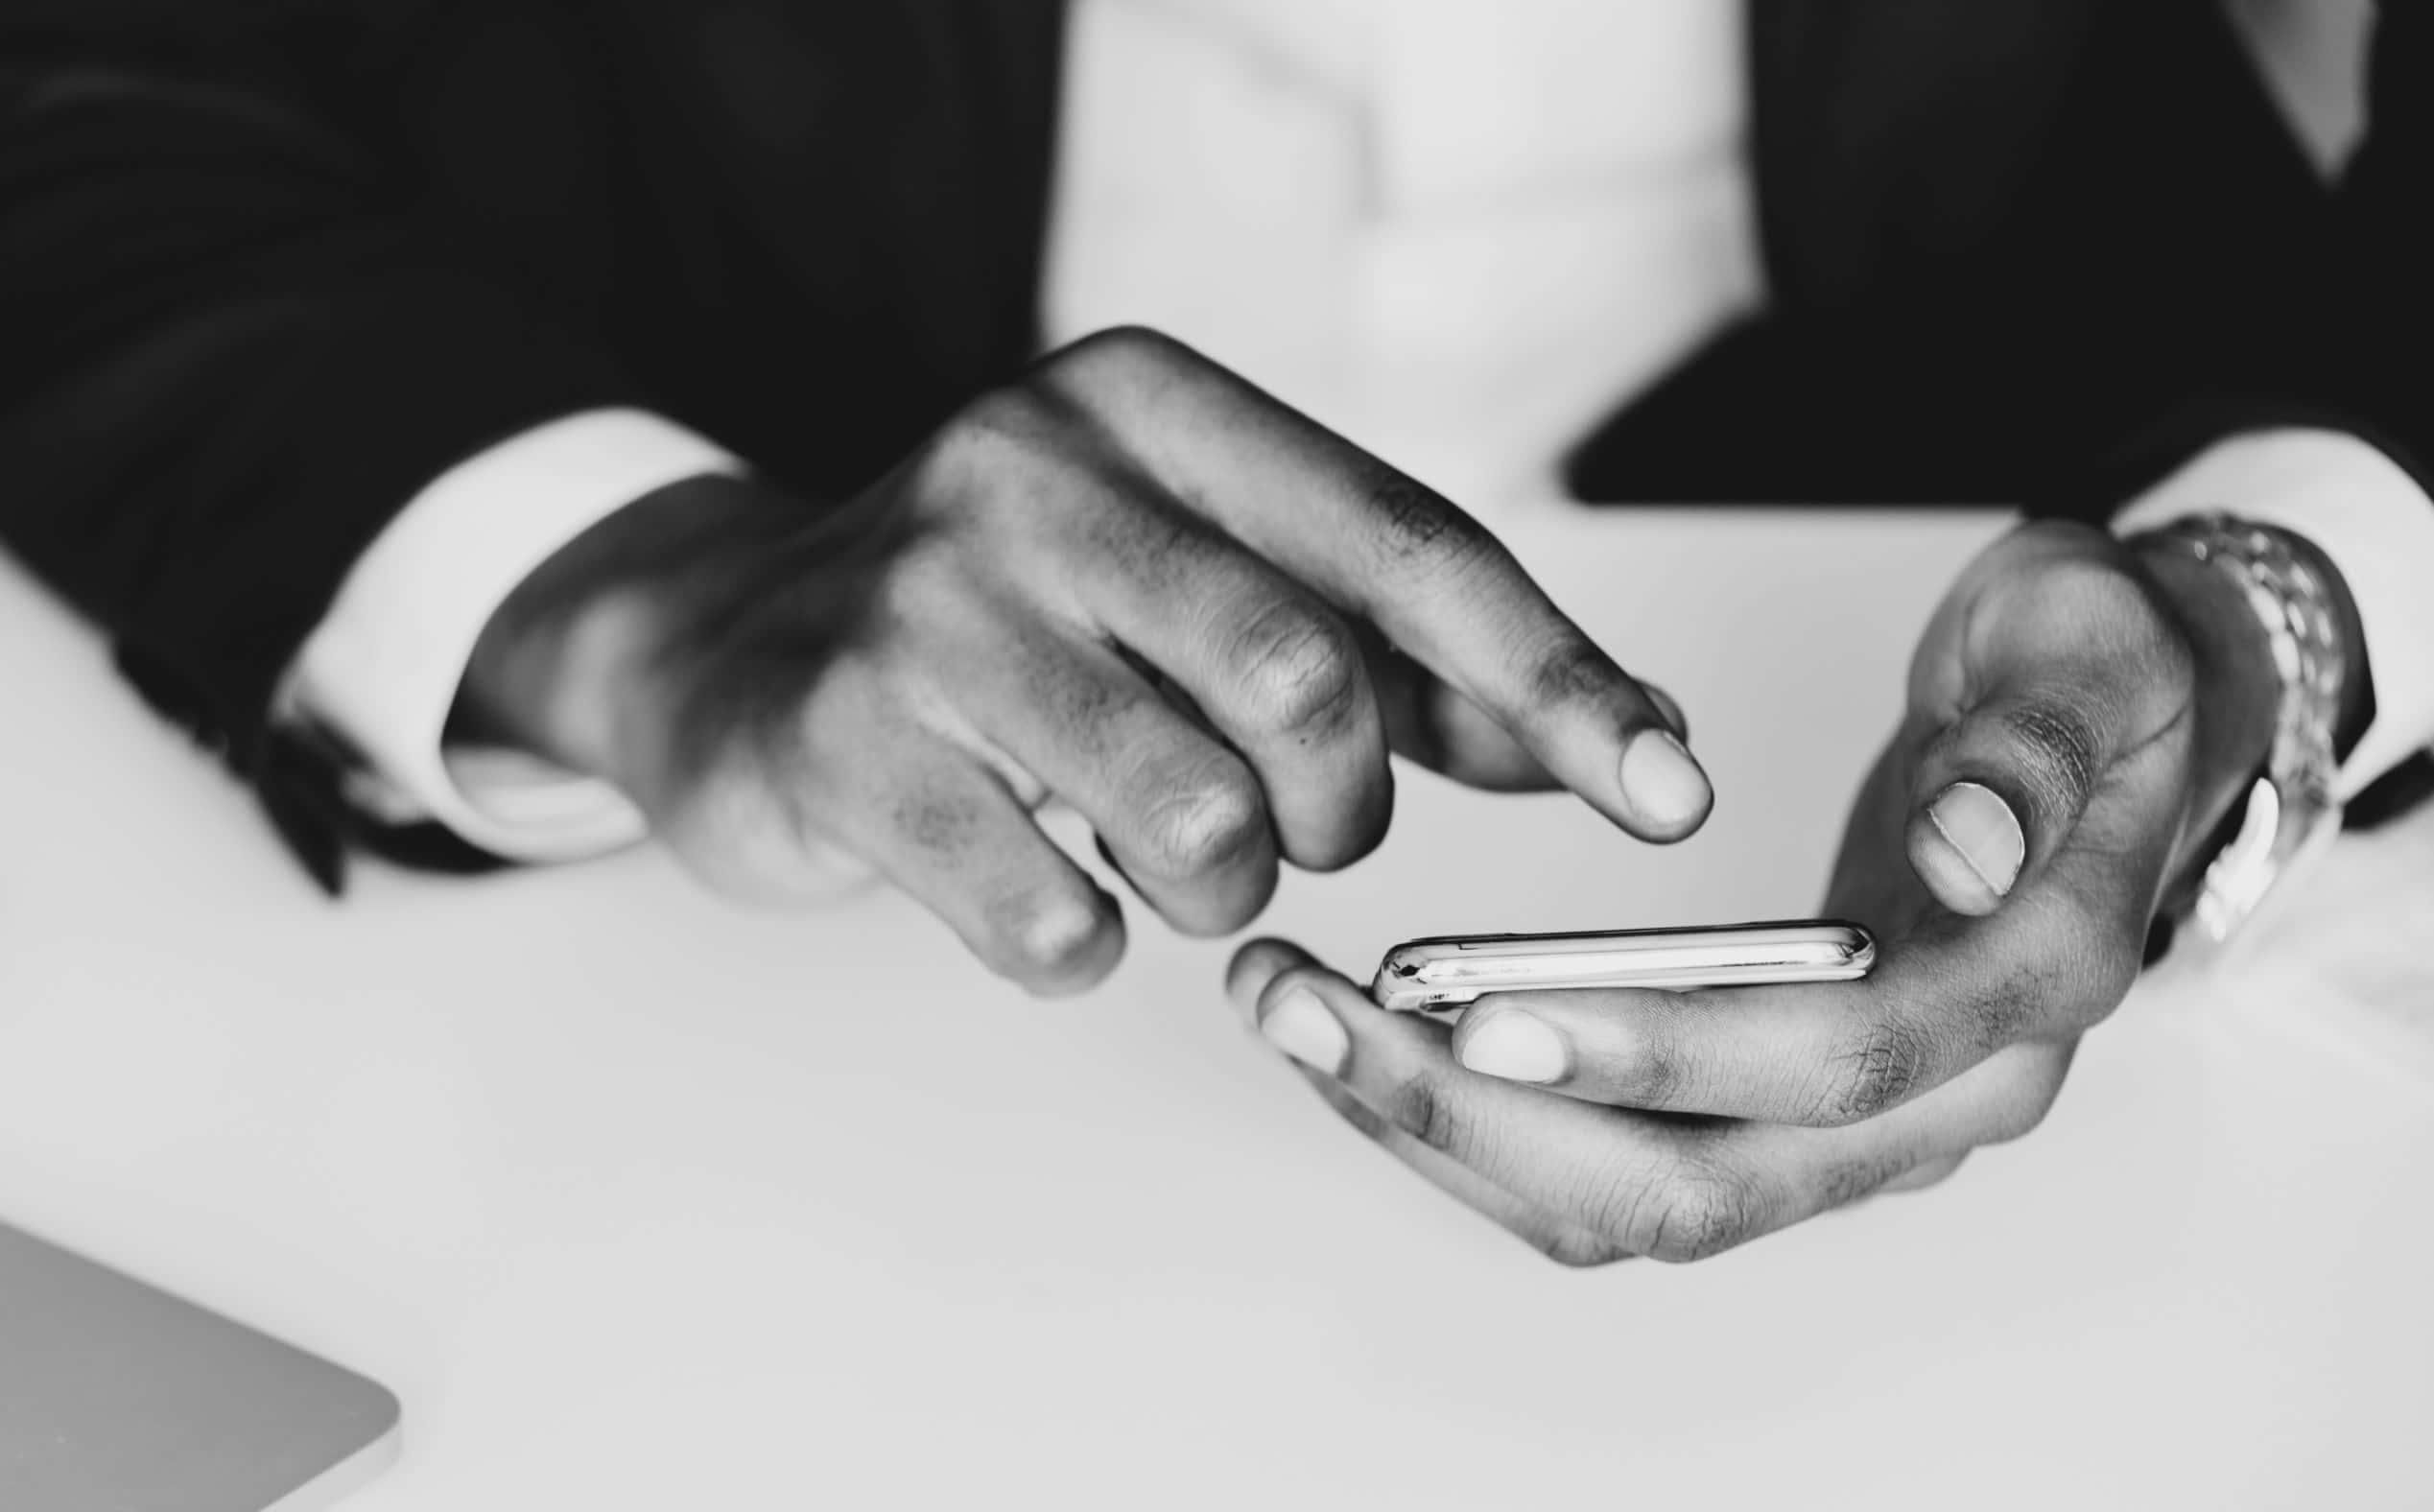 Foto detalhada e focada em um par de mãos mexendo em um celular, ilustrando o texto